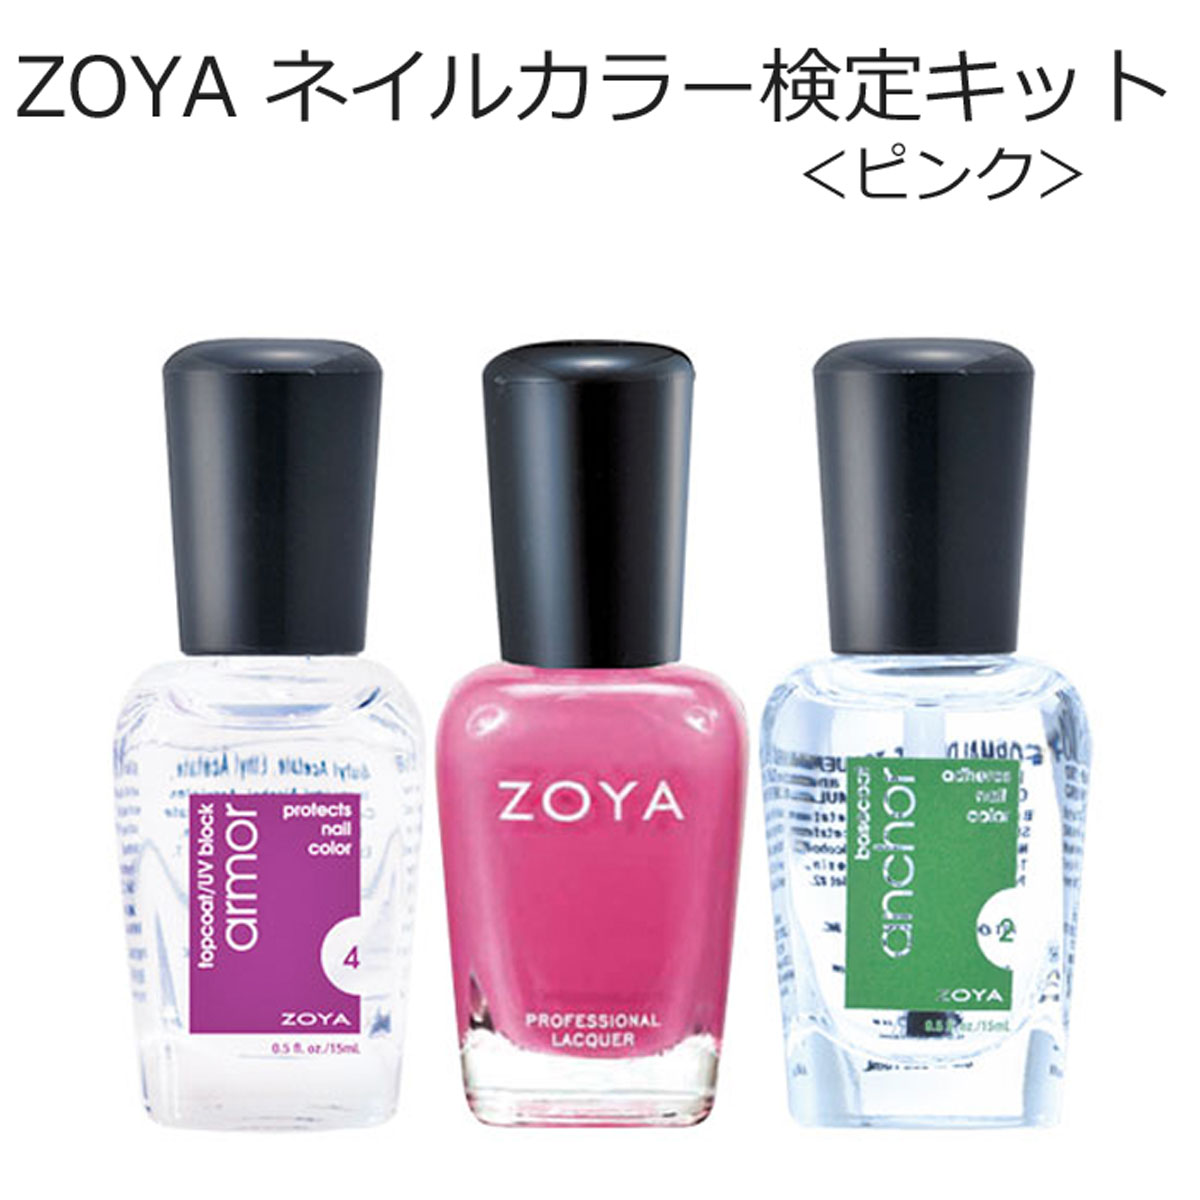 検定キット[ピンク] ZOYA ゾーヤ ゾヤ ネイルカラー アーマートップコート & ZP516 & アンカーベースコート 15mL 自爪 の為に作られた ネイル にやさしい 自然派 マニキュア zoya セルフネイル にもおすすめ